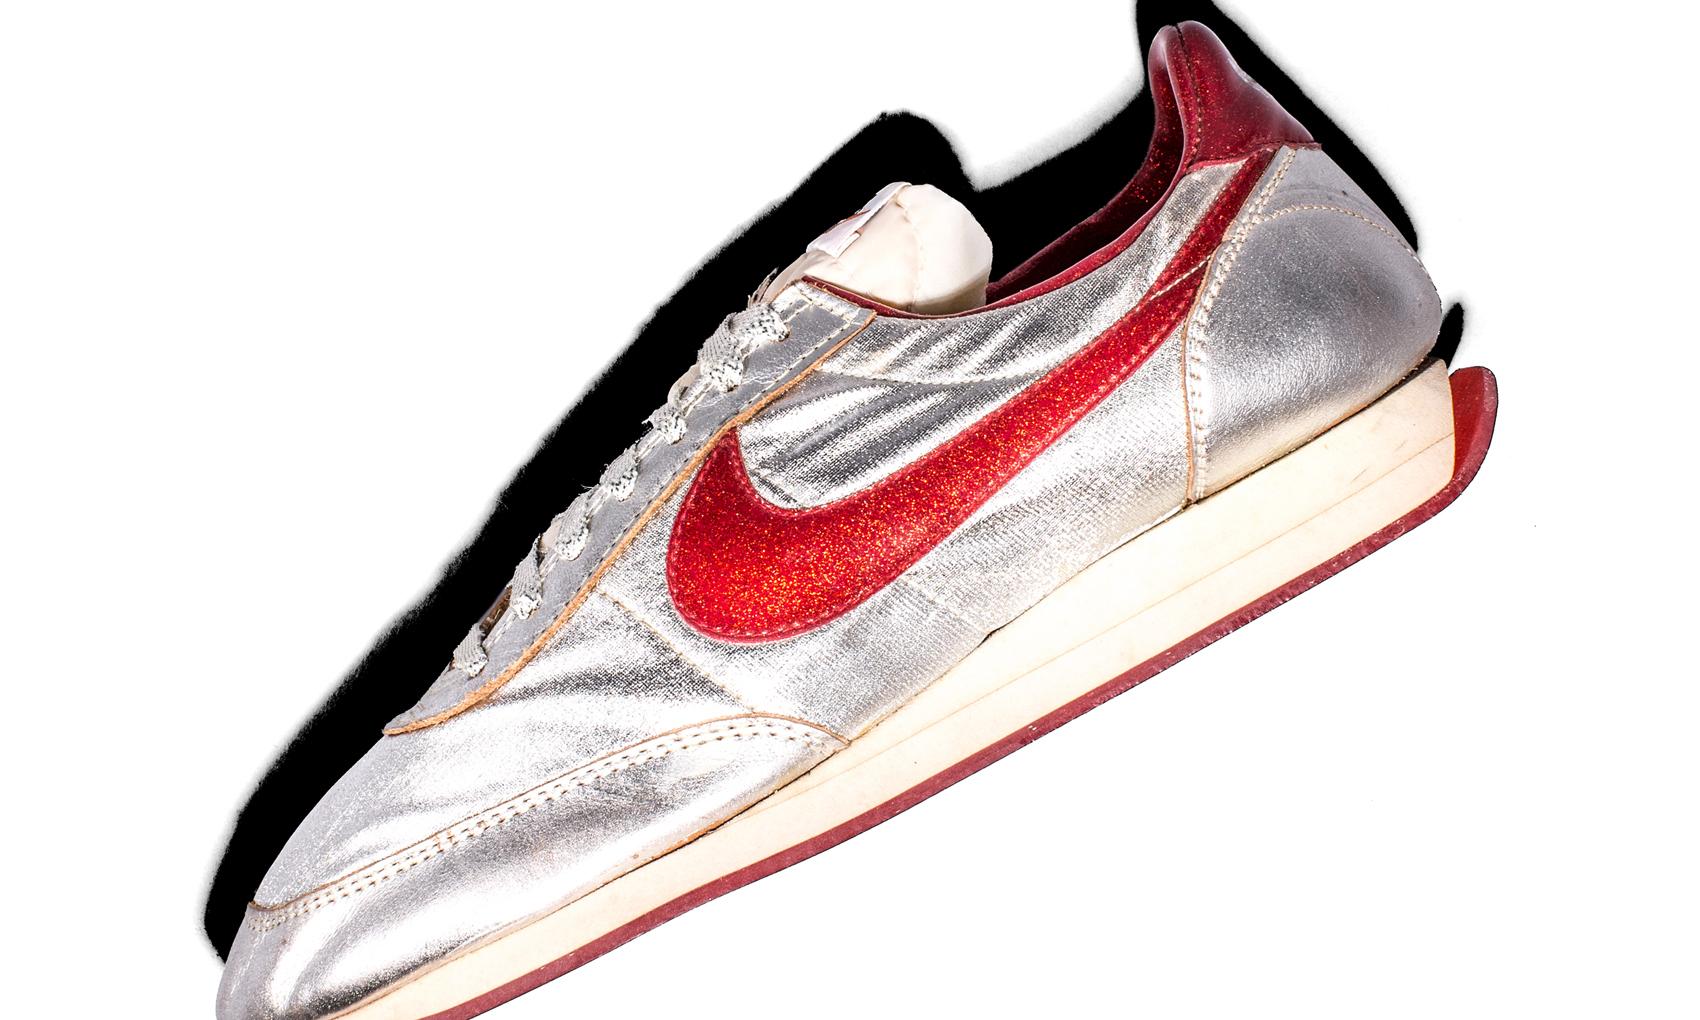 Nike Night Track Disco Sneakers Profile